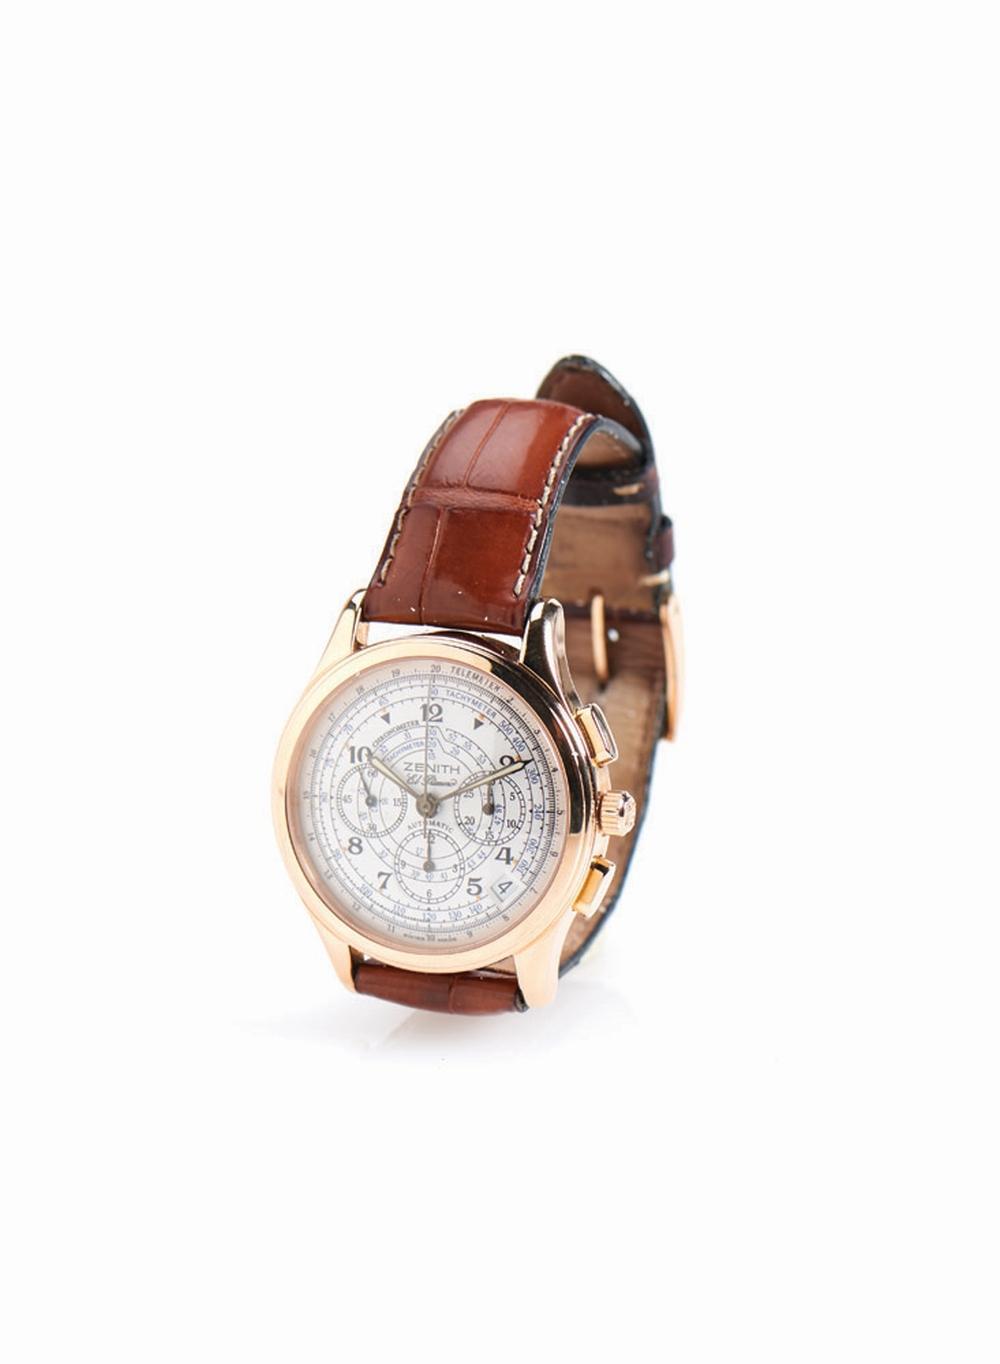 Relógio de pulso, Zenith El primeiro, ouro 750%